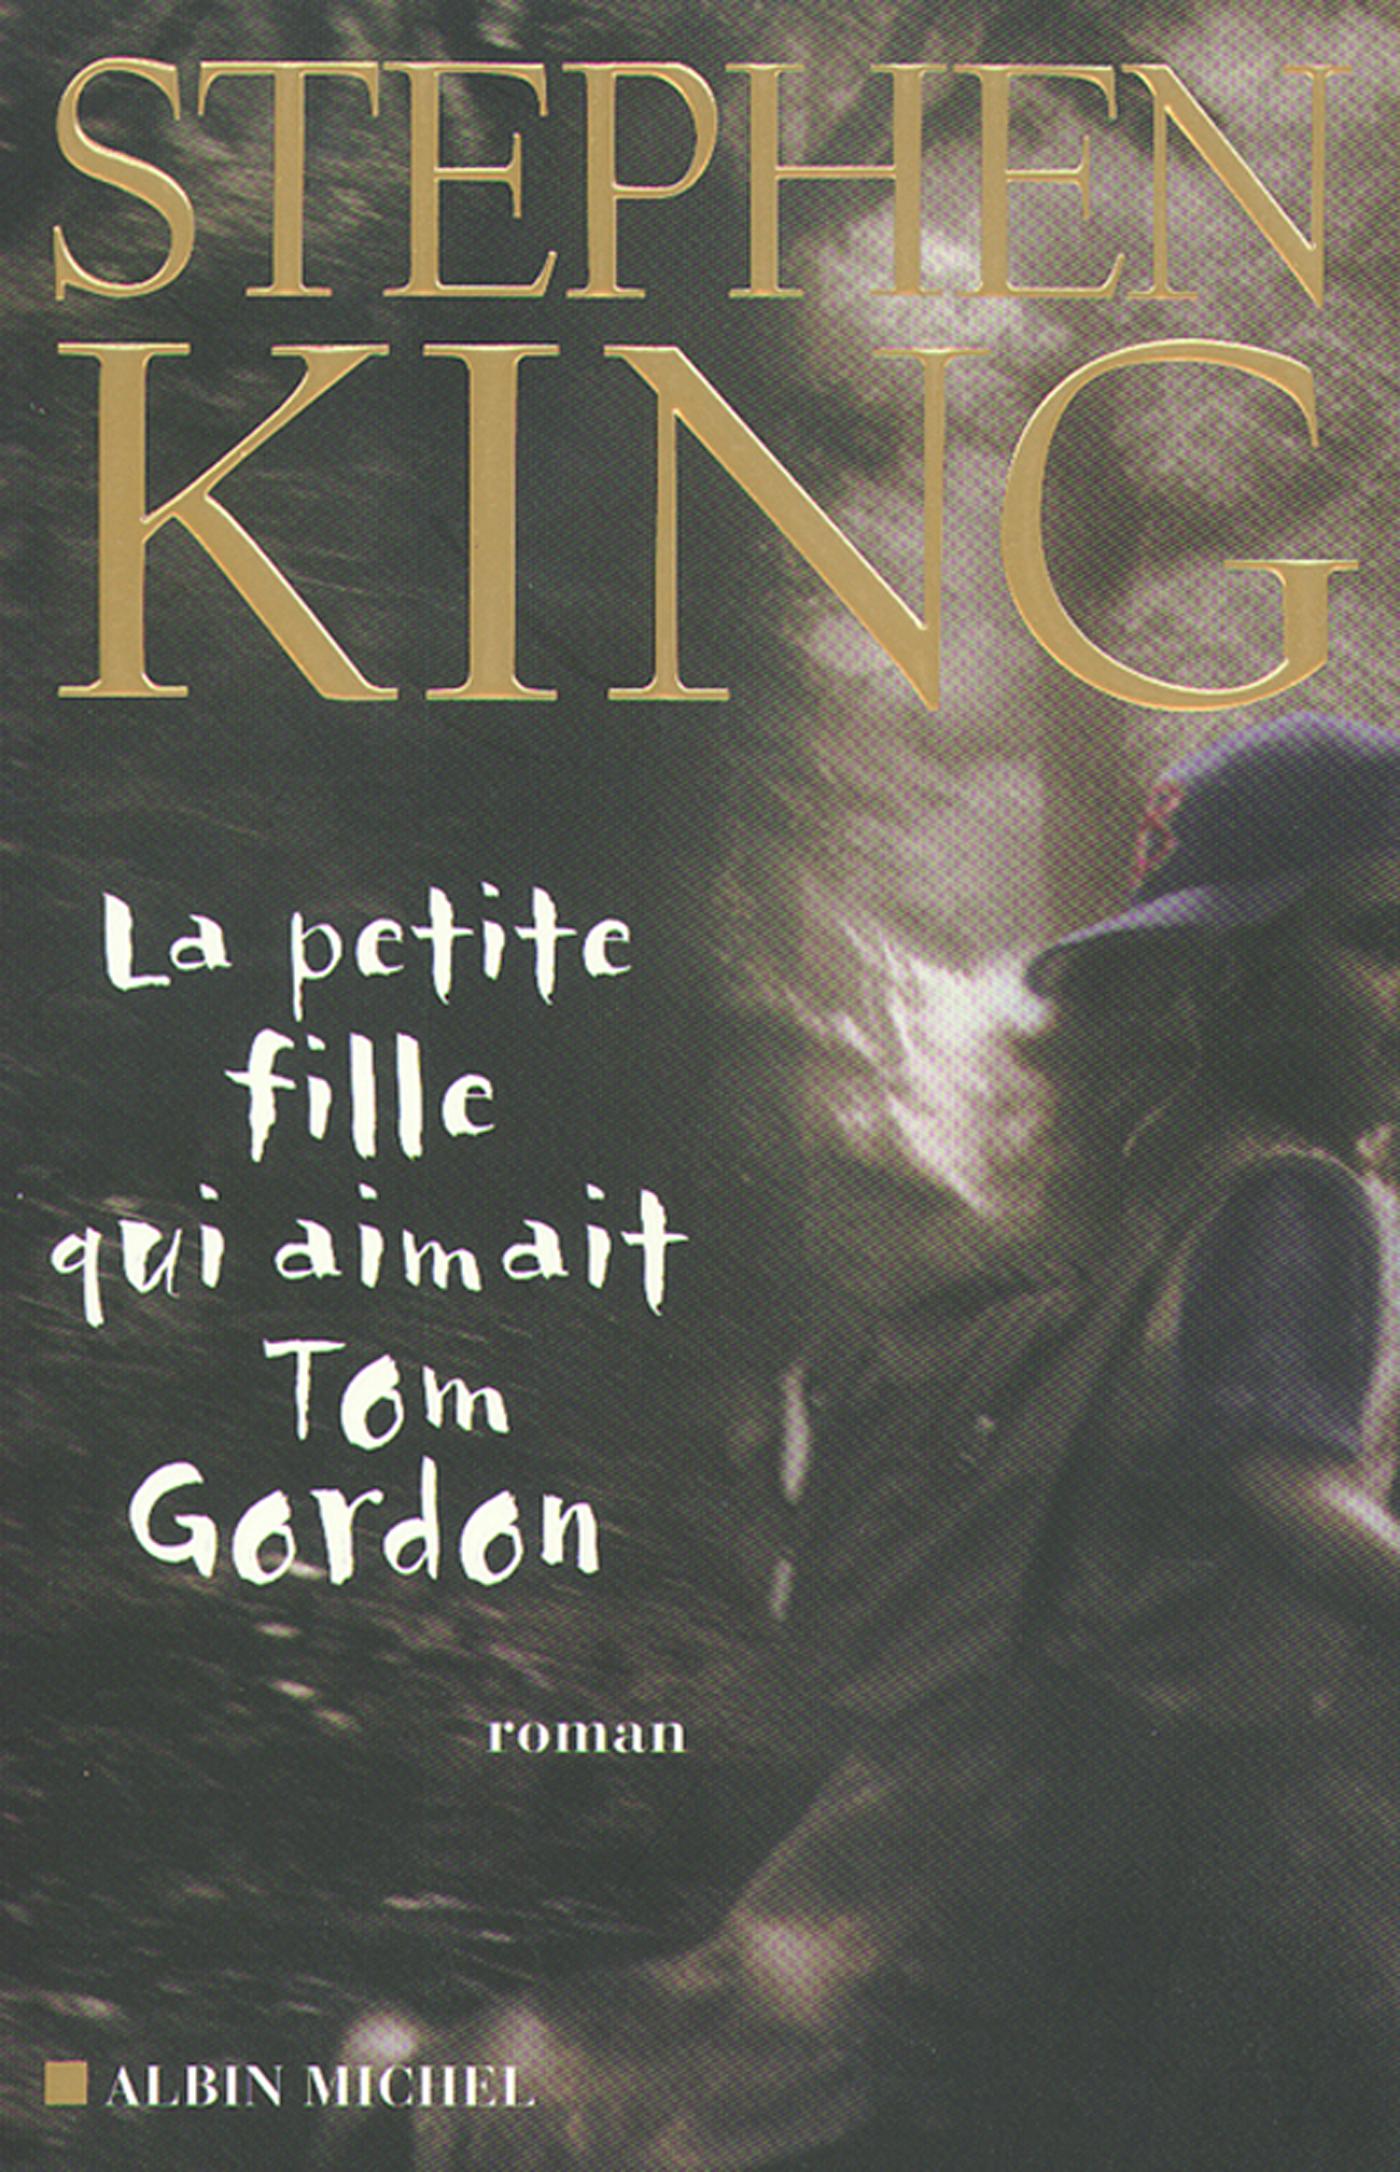 La Petite Fille qui aimait Tom Gordon | King, Stephen. Auteur